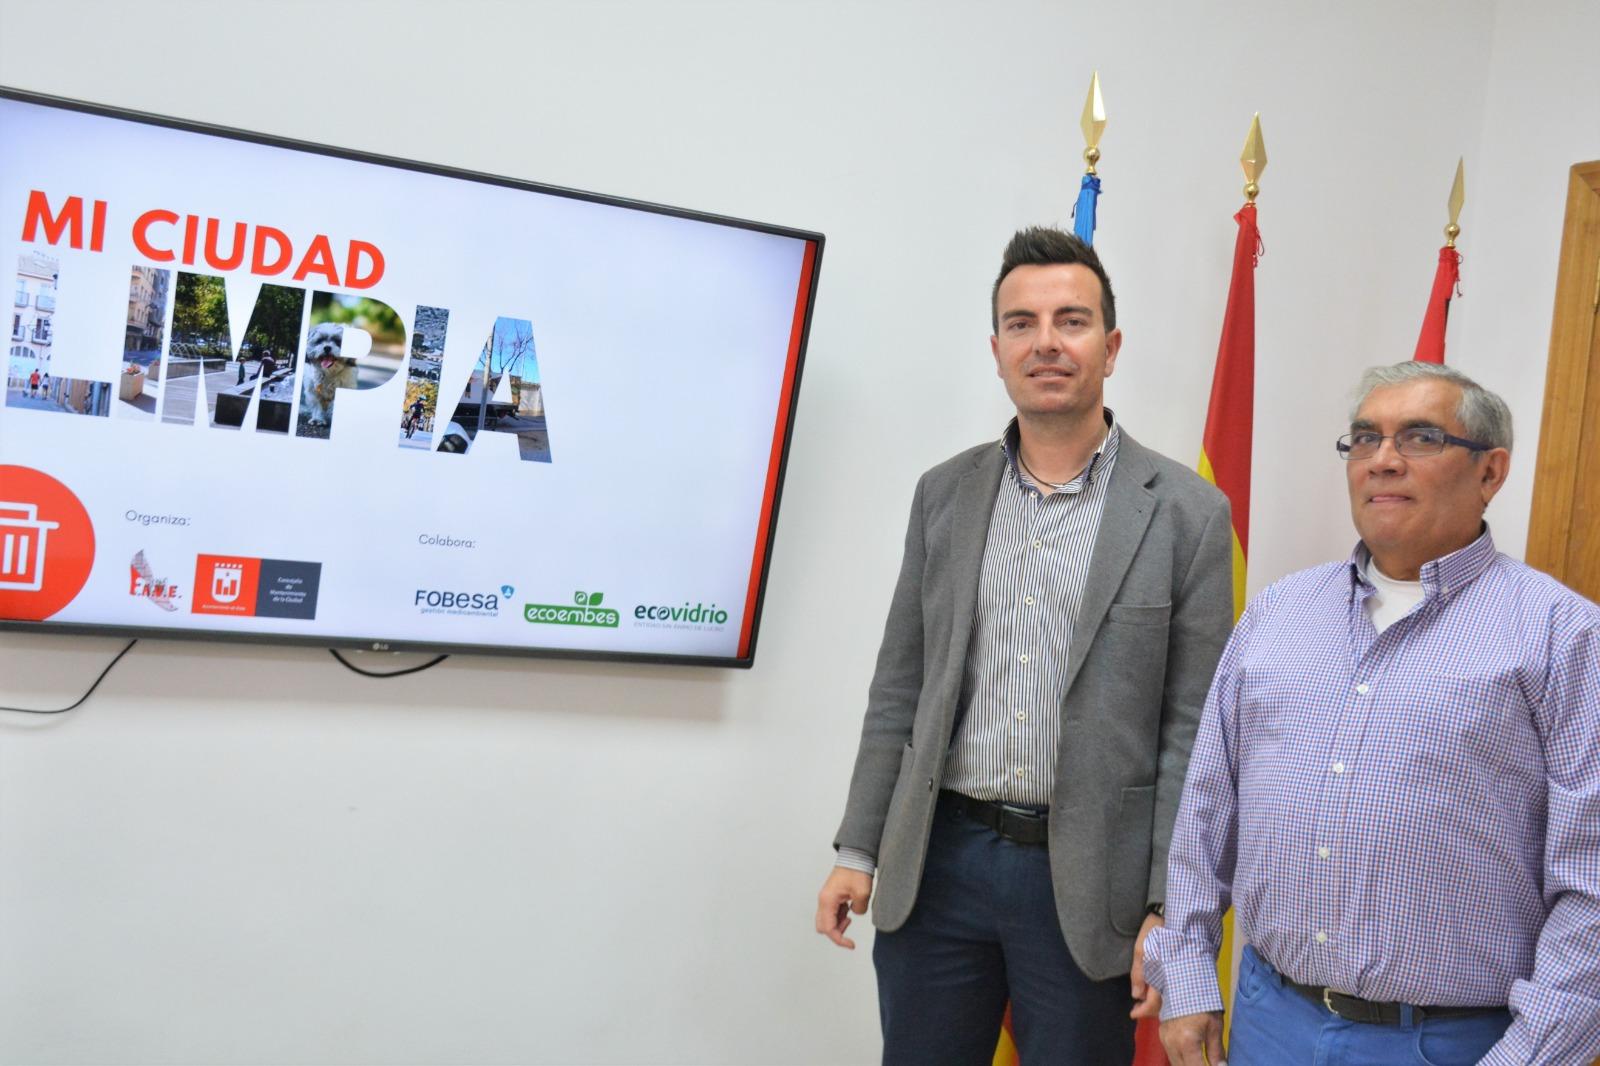 El Ayuntamiento de Elda y FAVE se unen para concienciar a la ciudadanía sobre la limpieza de  la ciudad, el cuidado de los espacios públicos y la importancia del reciclaje